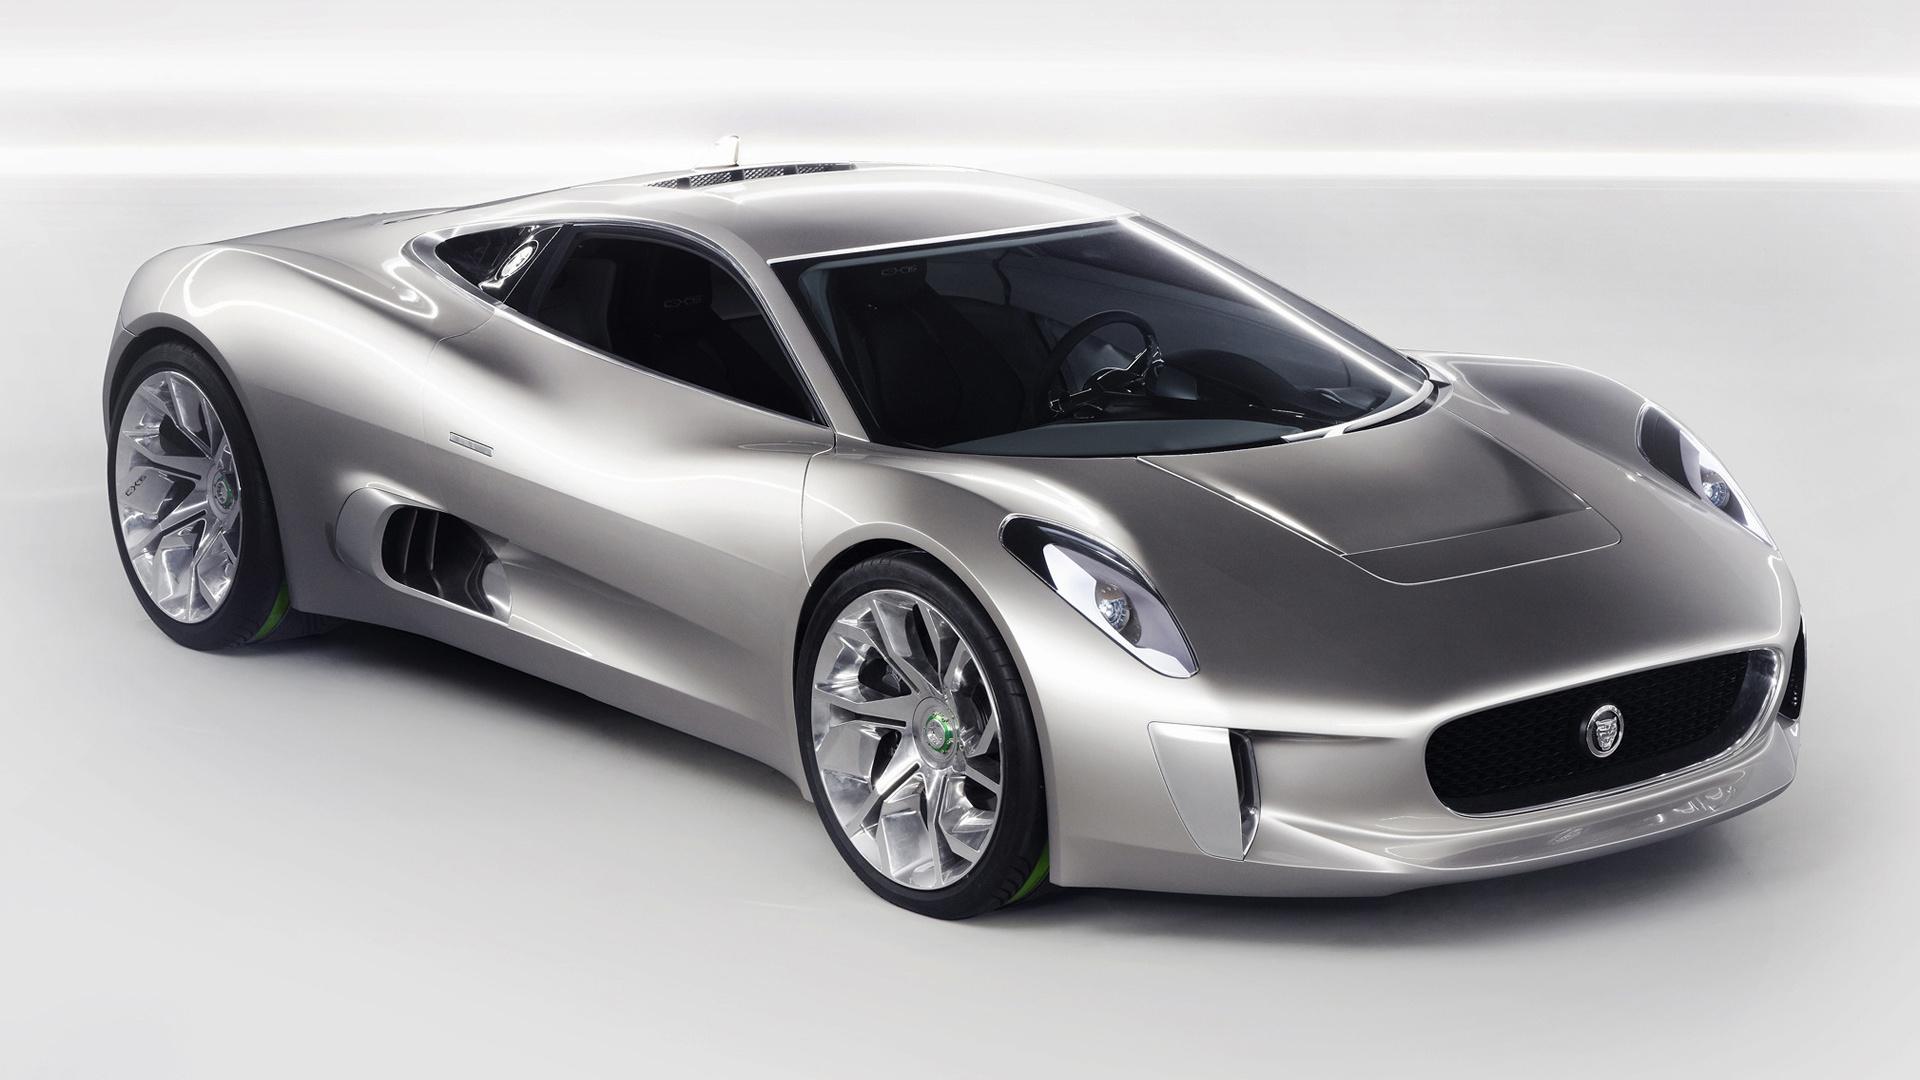 2010 Jaguar C X75 Concept Fondos De Pantalla E Imágenes En